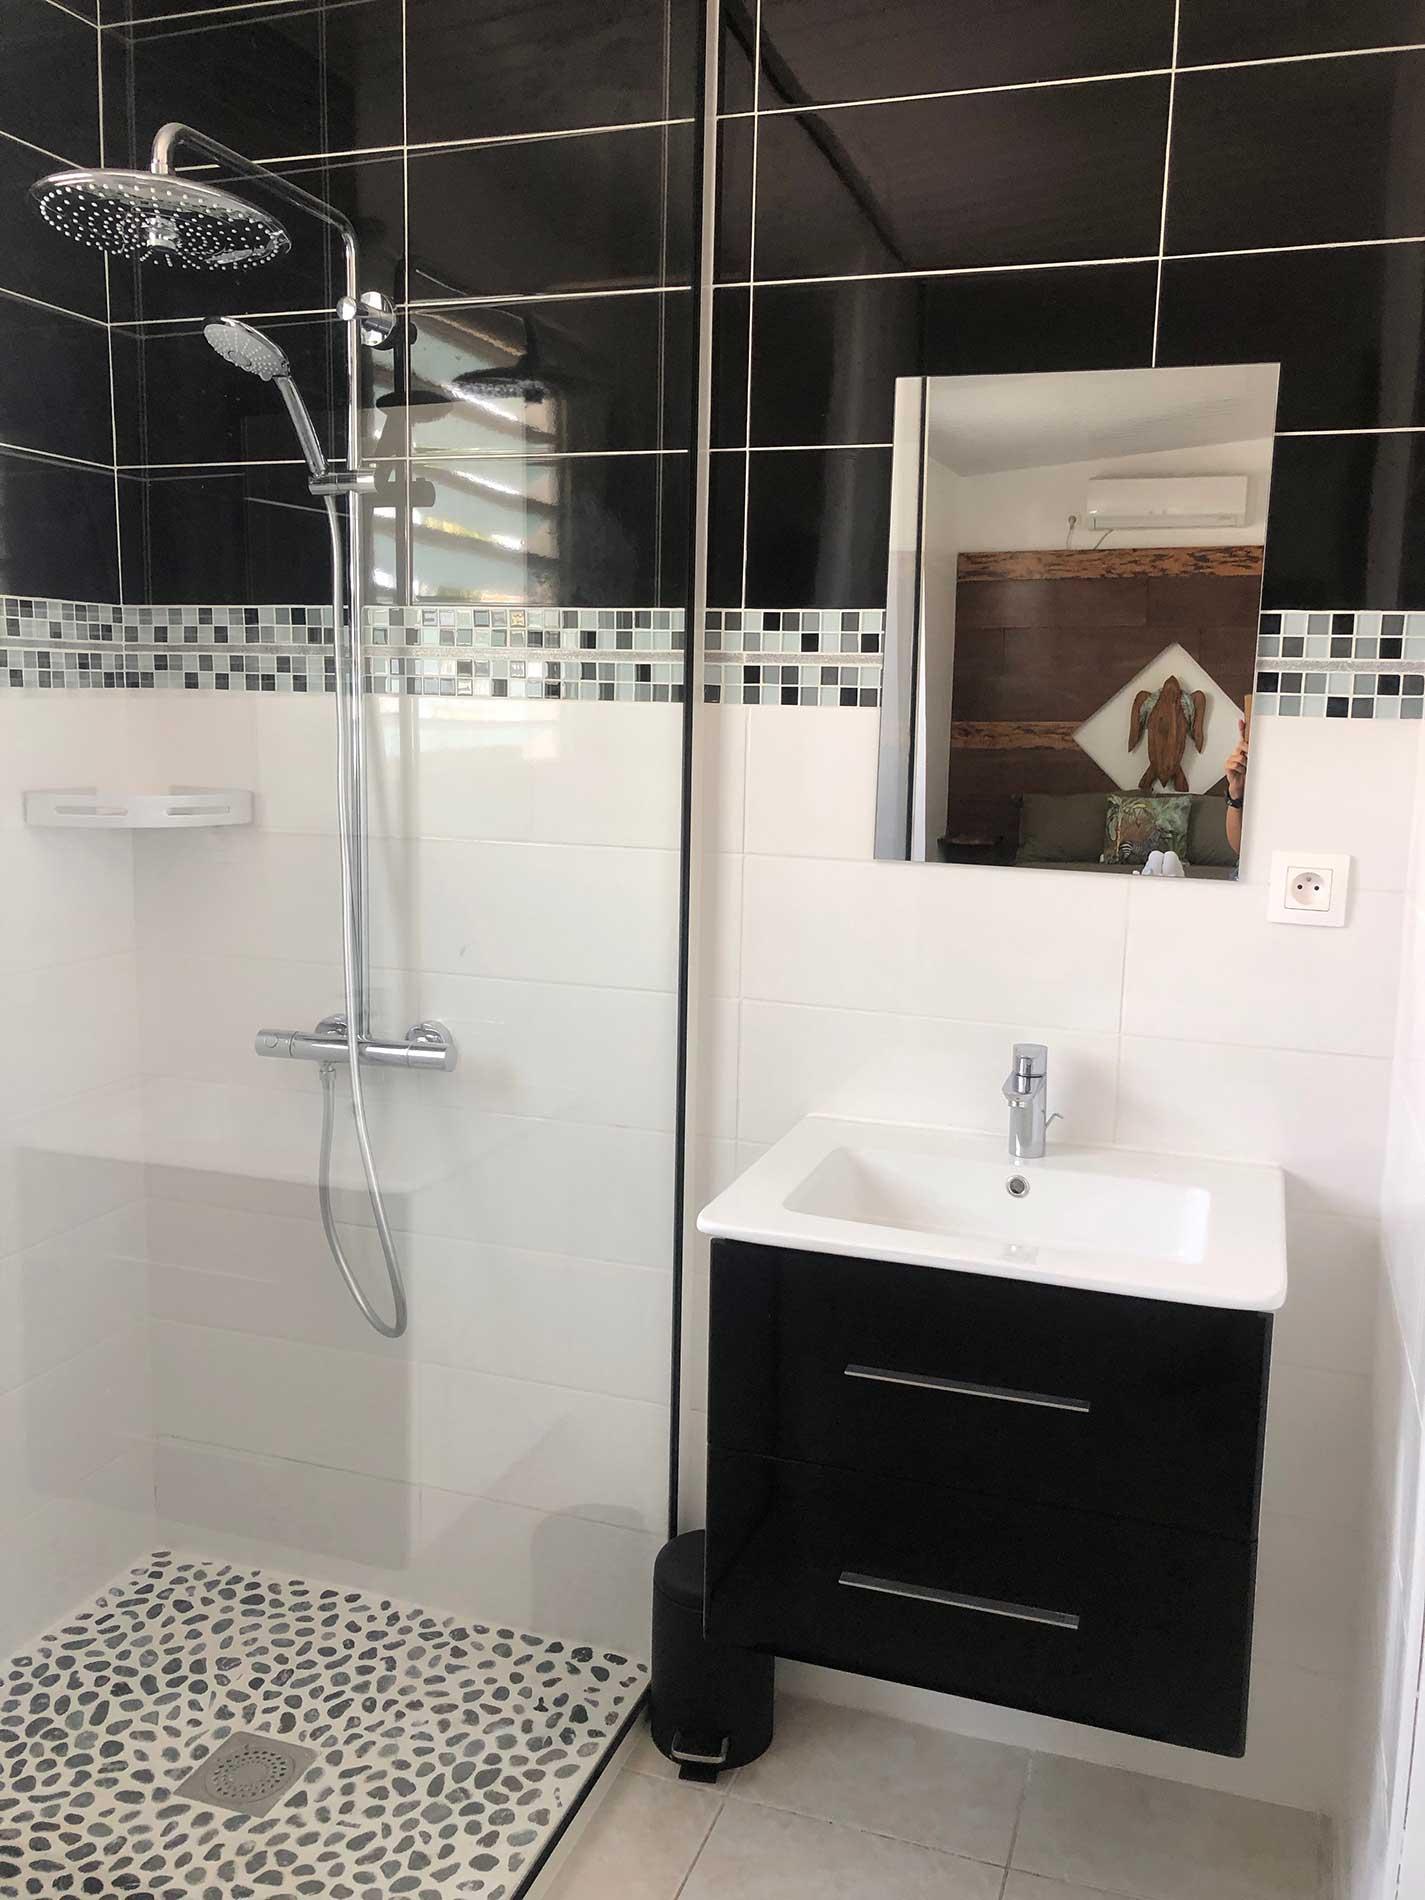 A l'autre extrémité de la chambre, on retrouve la salle de bain à dominante noir et blanc. Salle de bain avec une douche à l'italienne et un lavabo.